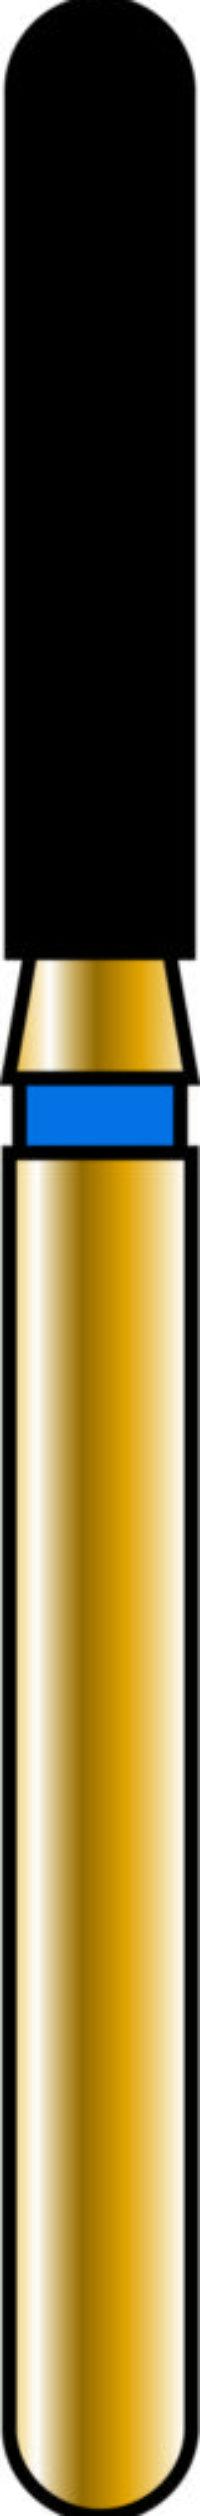 Round End Cylinder 16-8mm Gold Diamond Bur